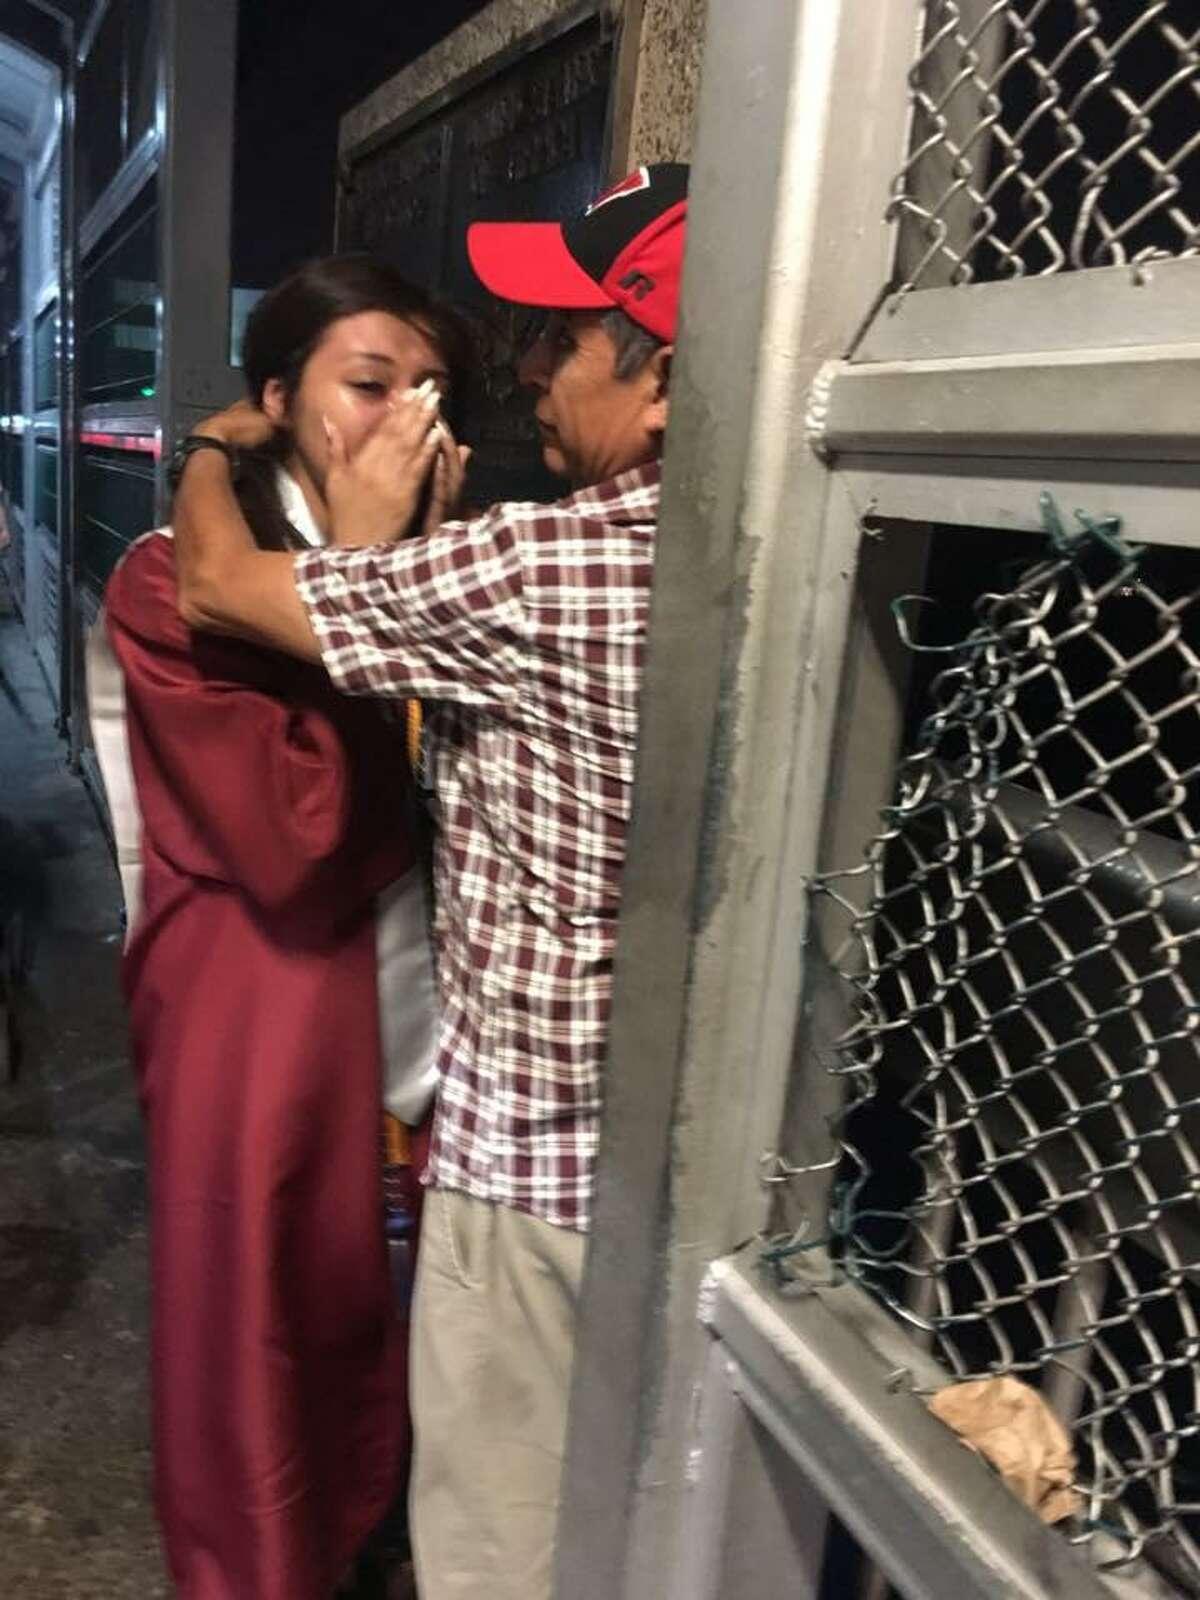 Saraí Ruiz se encuentra con su padre, Esteban Ruiz, a la mitad del puente después de asistir a su graduación de la preparatoria Héctor J. García Early College High School.